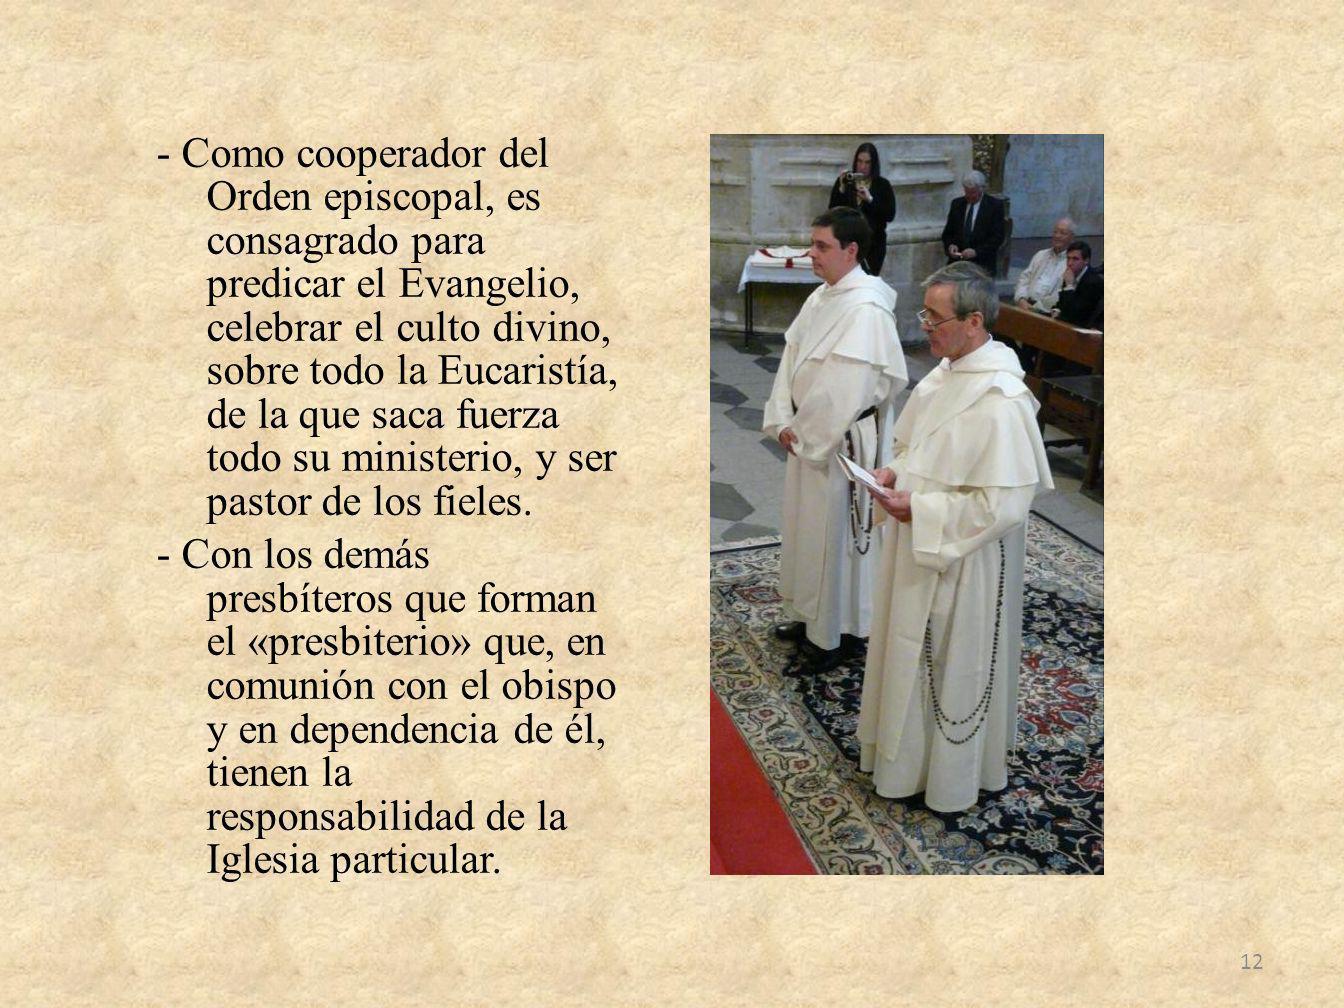 - Como cooperador del Orden episcopal, es consagrado para predicar el Evangelio, celebrar el culto divino, sobre todo la Eucaristía, de la que saca fu